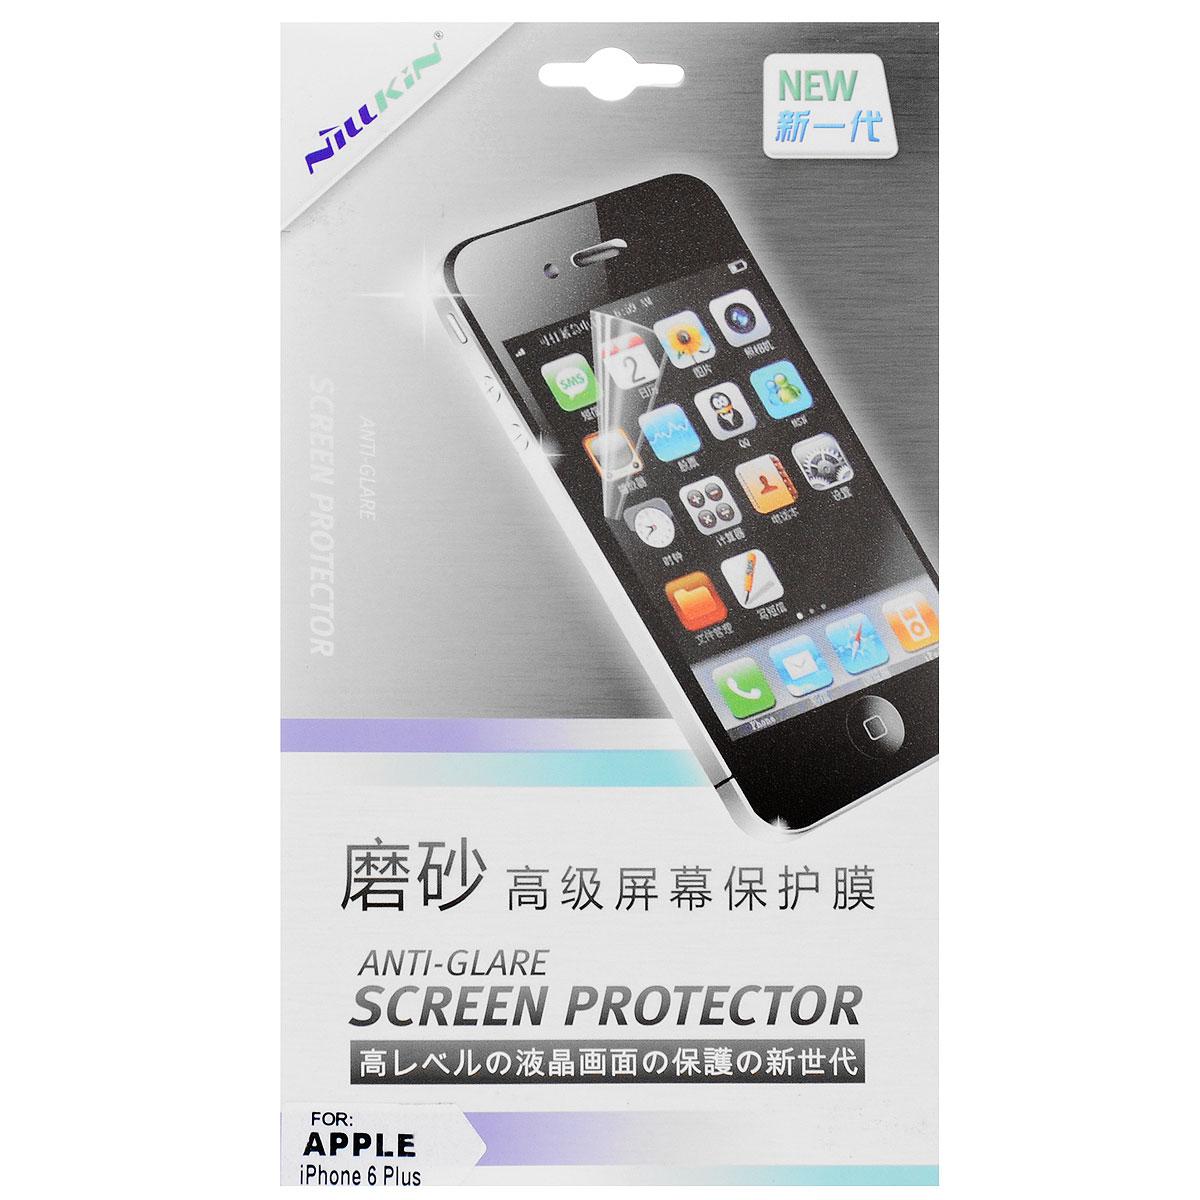 где купить  Nillkin Screen Protector защитная пленка для Apple iPhone 6 Plus, матовая  дешево